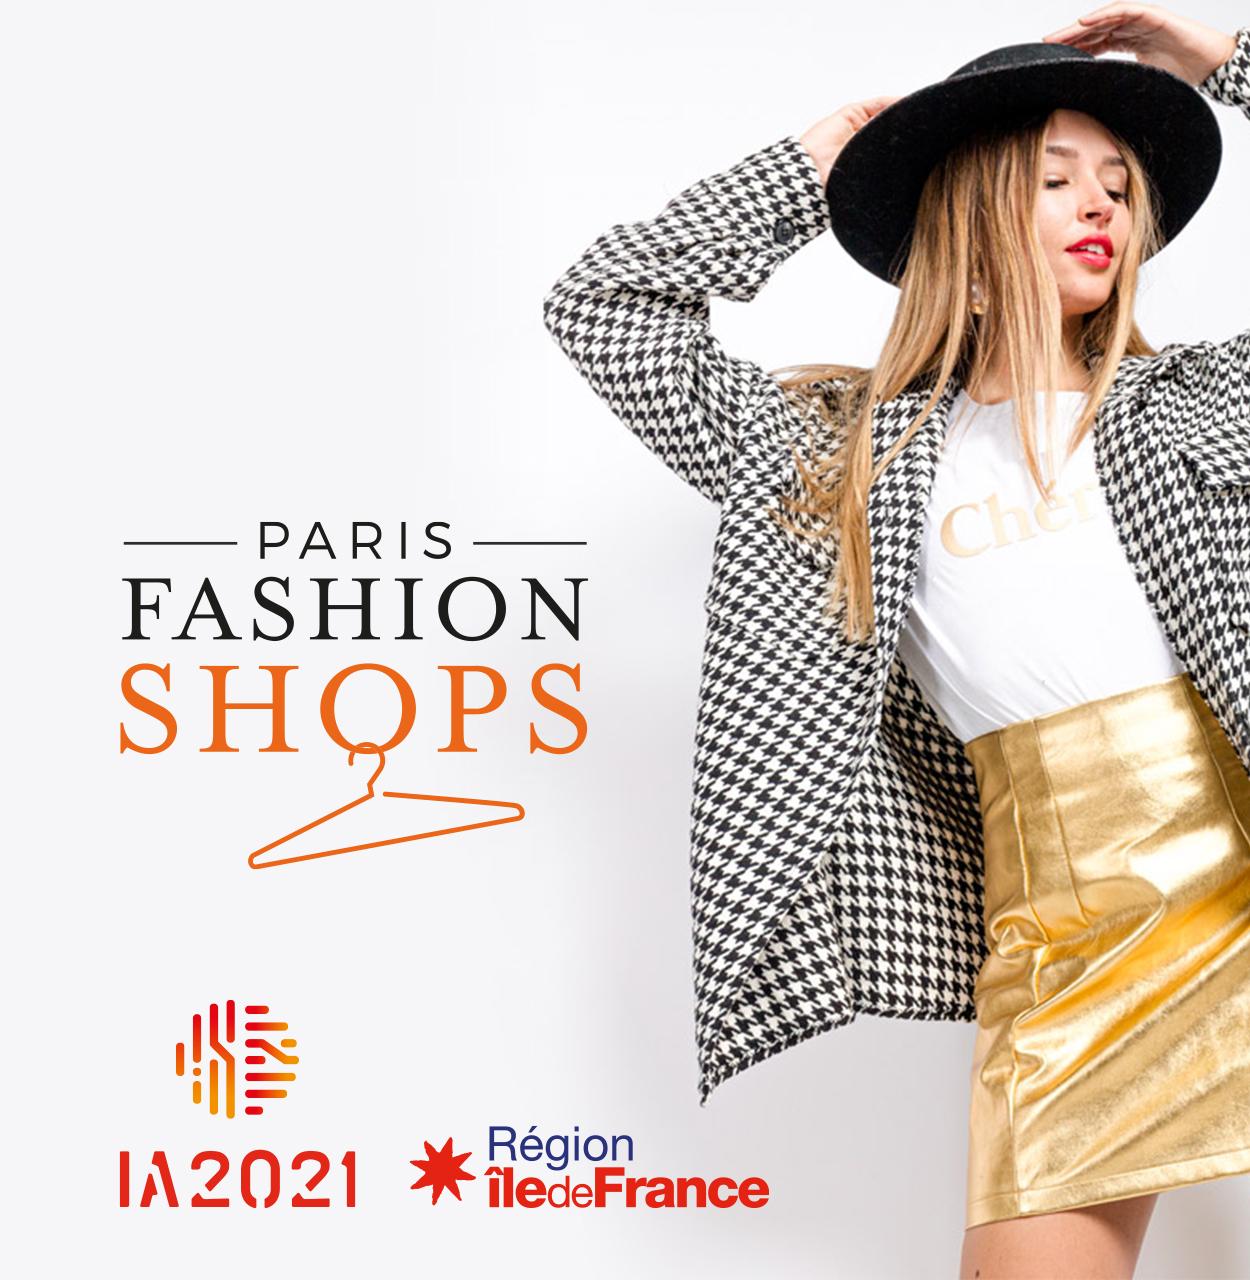 Paris Fashion Shops par Agence Web Kernix